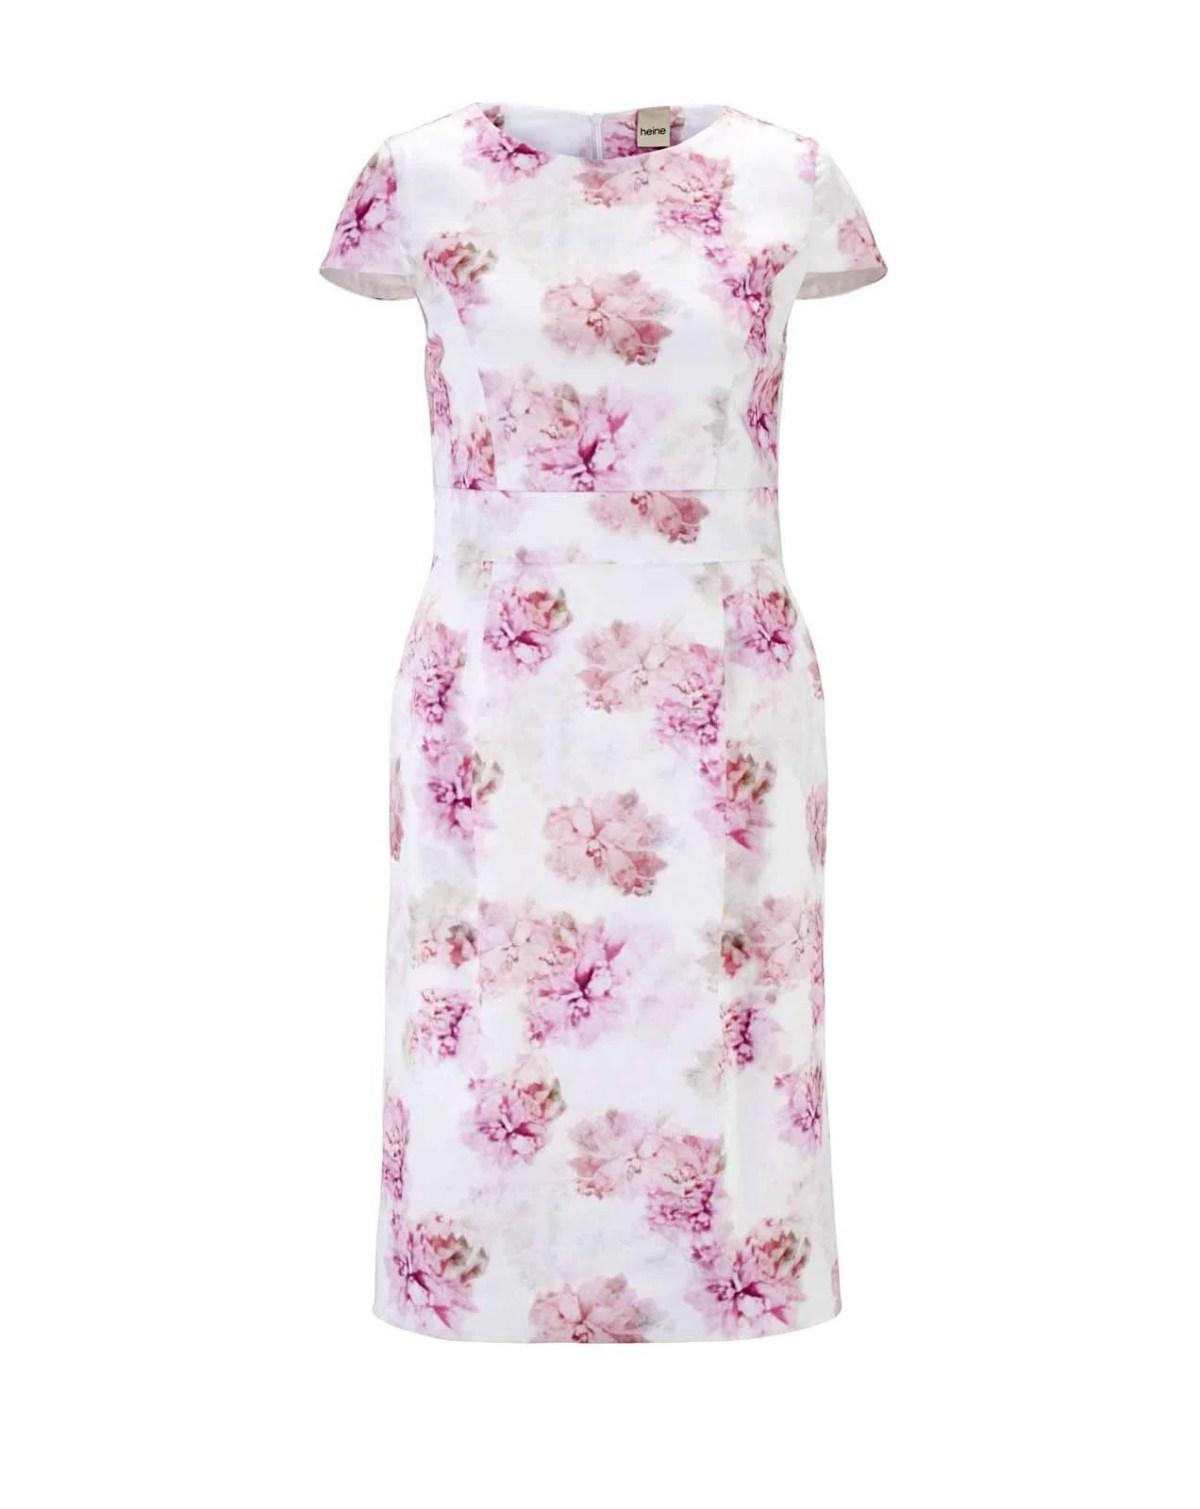 wadenlange kleider für besondere anlässe HEINE Damen Druckkleid Weiß-Pink-rose 727.466 missforty